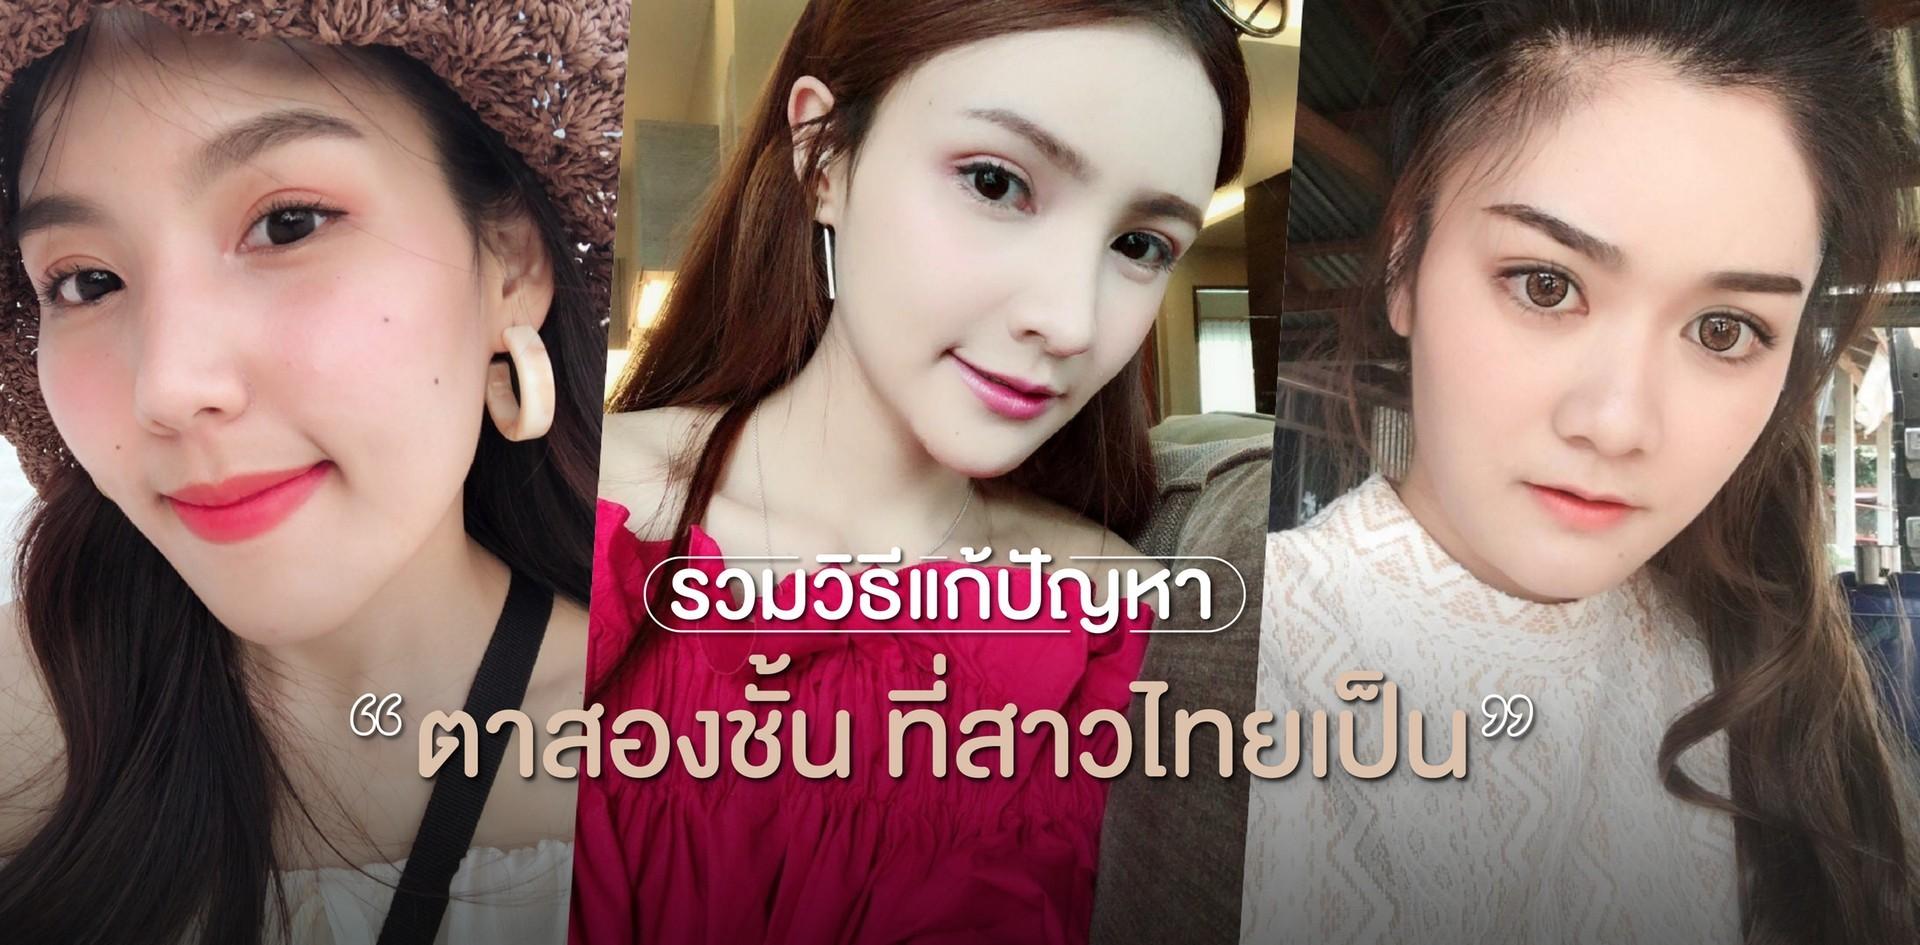 รวมวิธีแก้ปัญหาตาสองชั้น ที่สาวไทยชอบเป็น